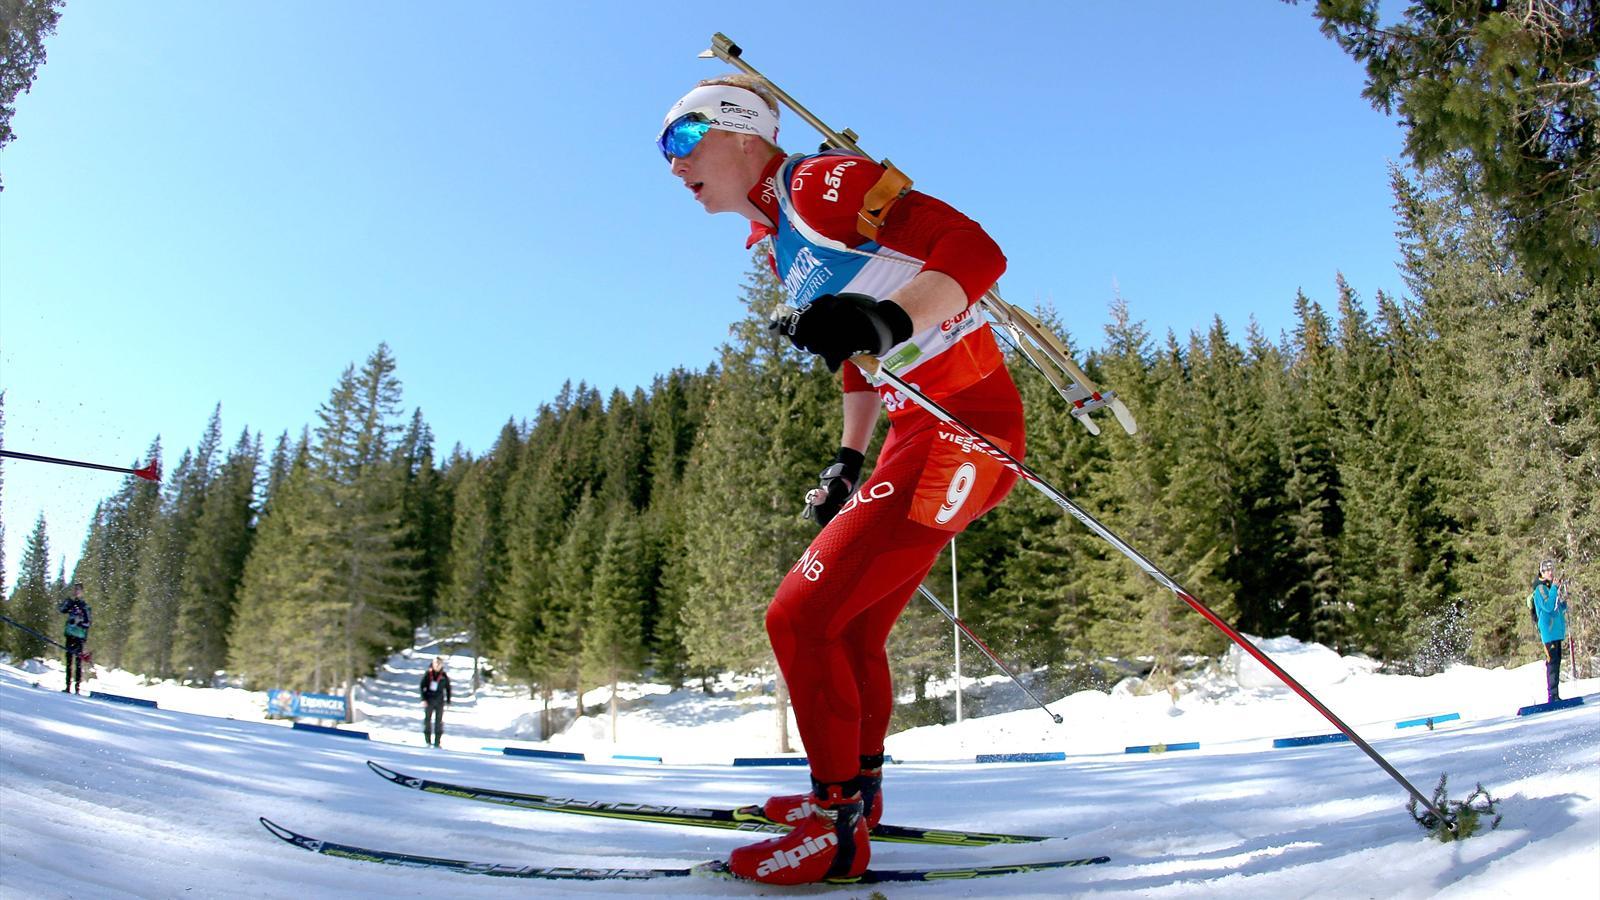 Coupe du monde kontiolahti 2e sprint boe s 39 impose - Classement coupe du monde de biathlon ...